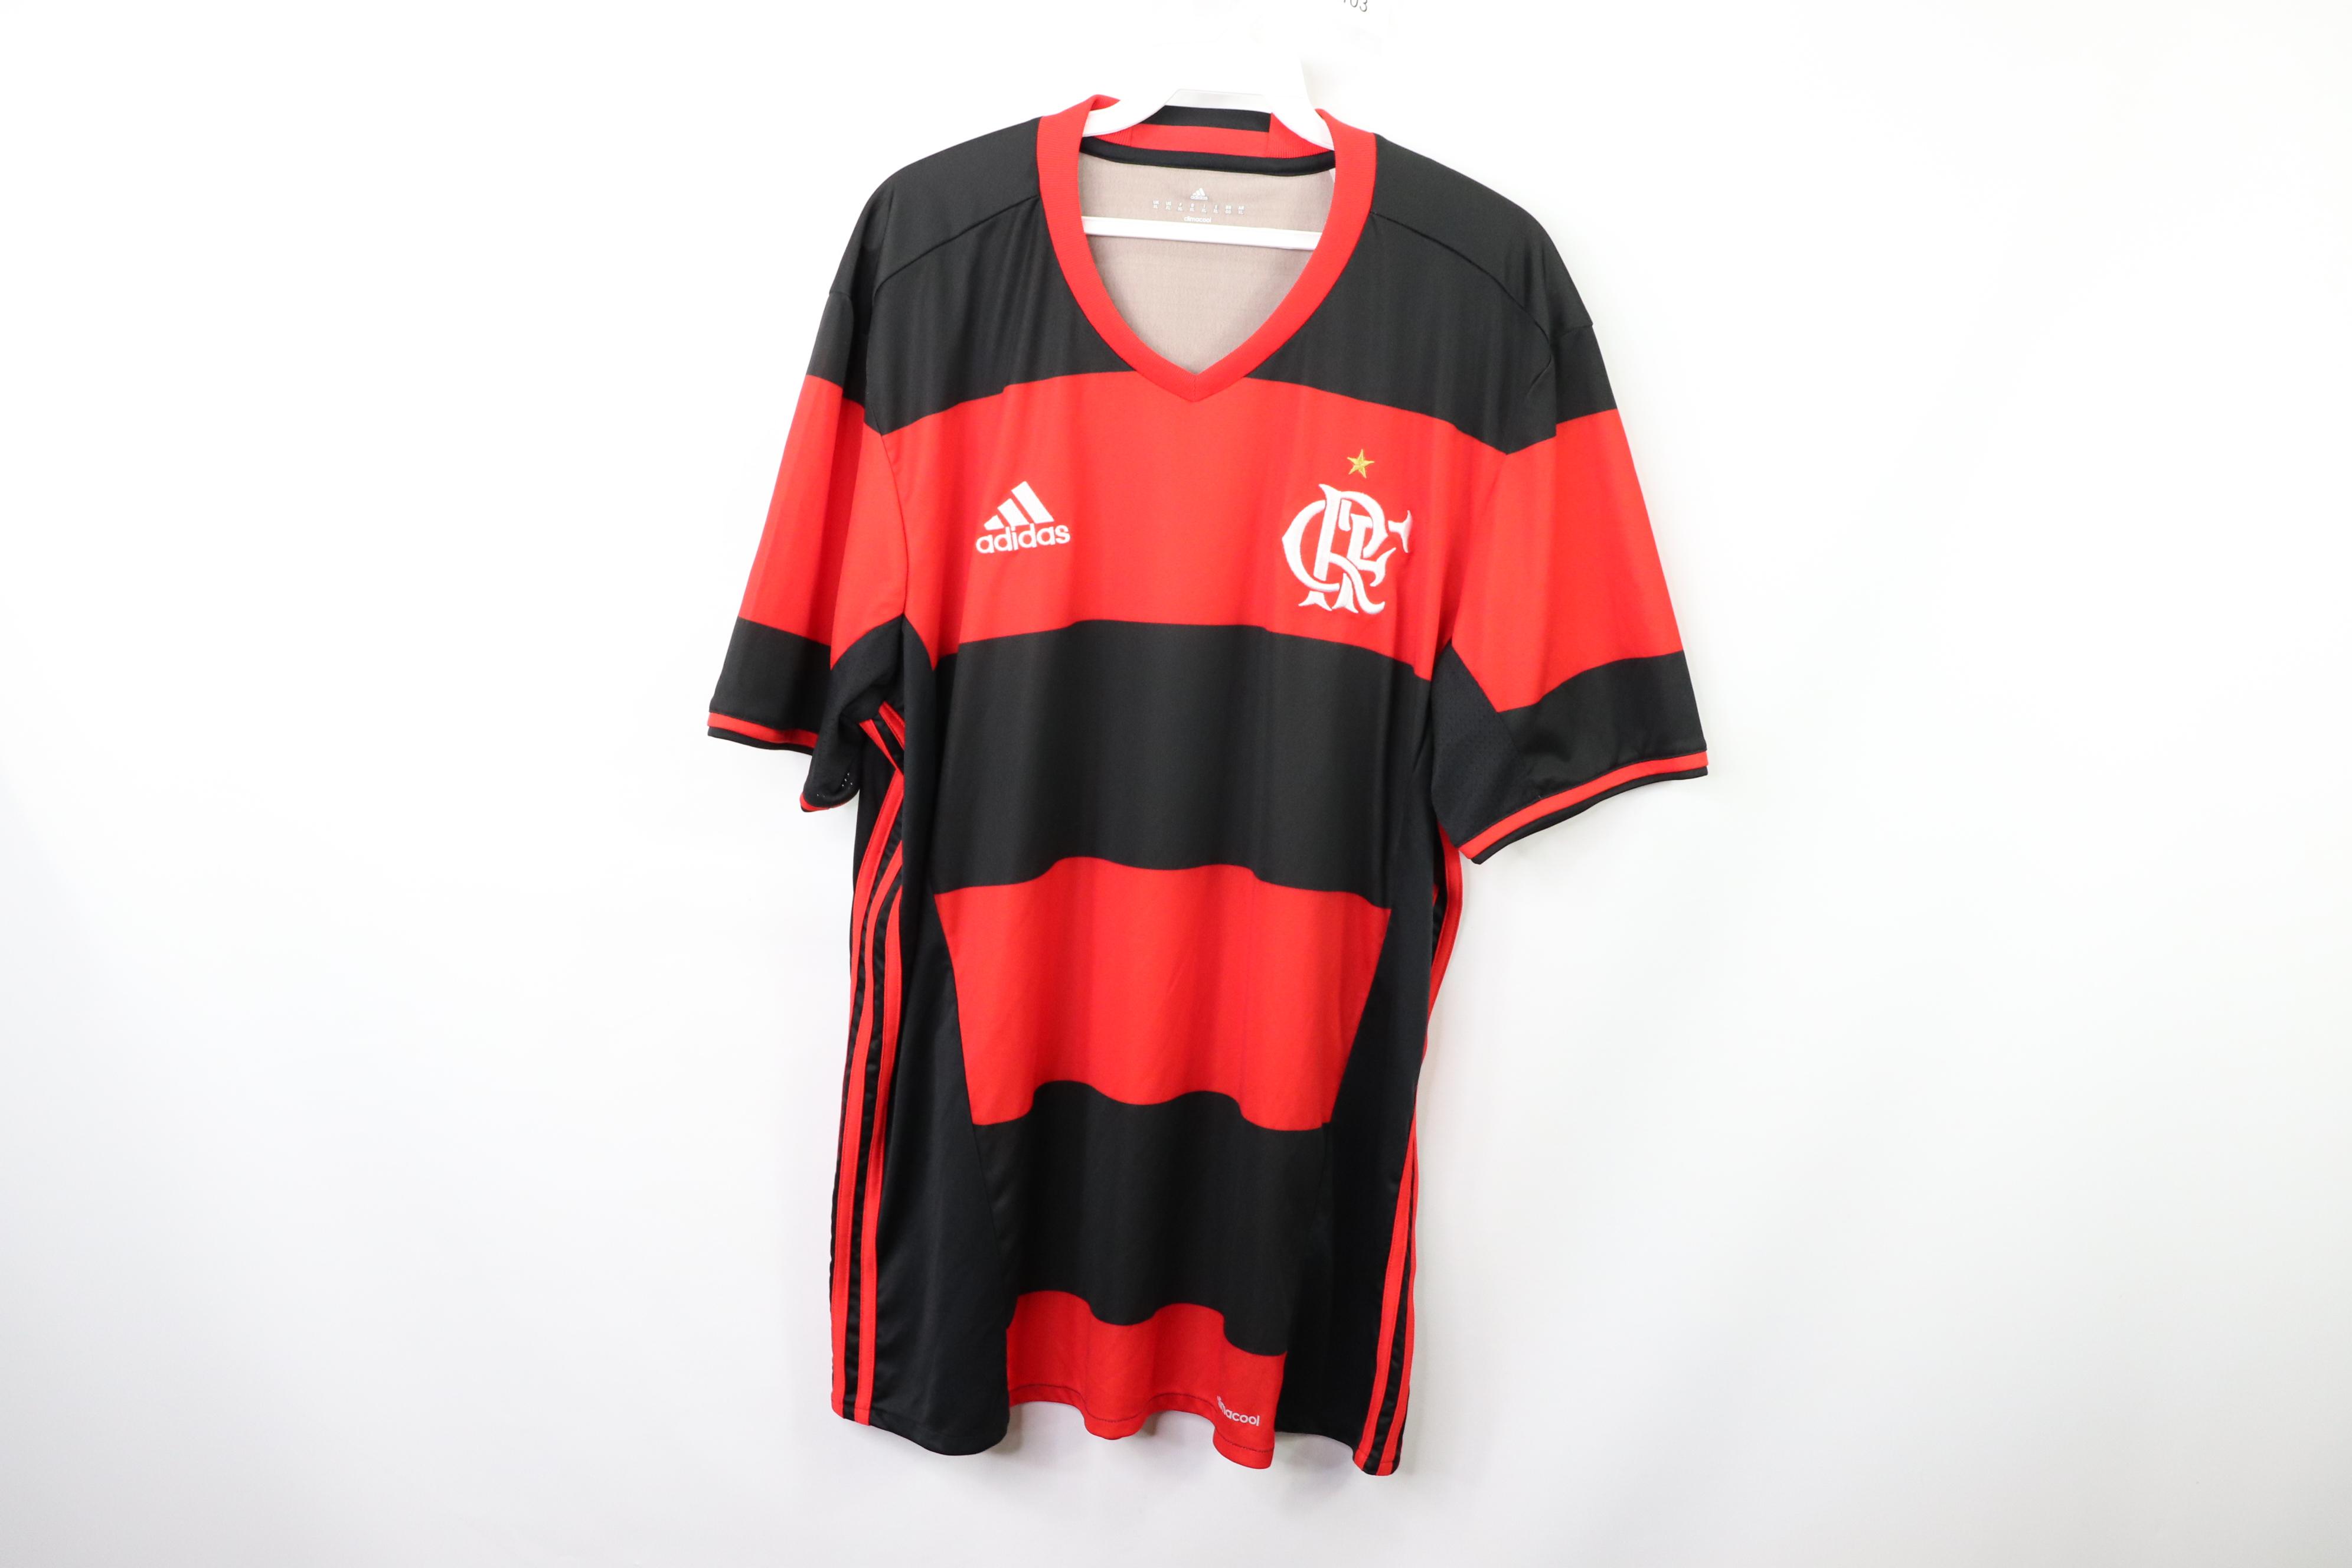 Adidas Adidas Mens XL Clube de Regatas do Flamengo Brazil Soccer Jersey Red Black